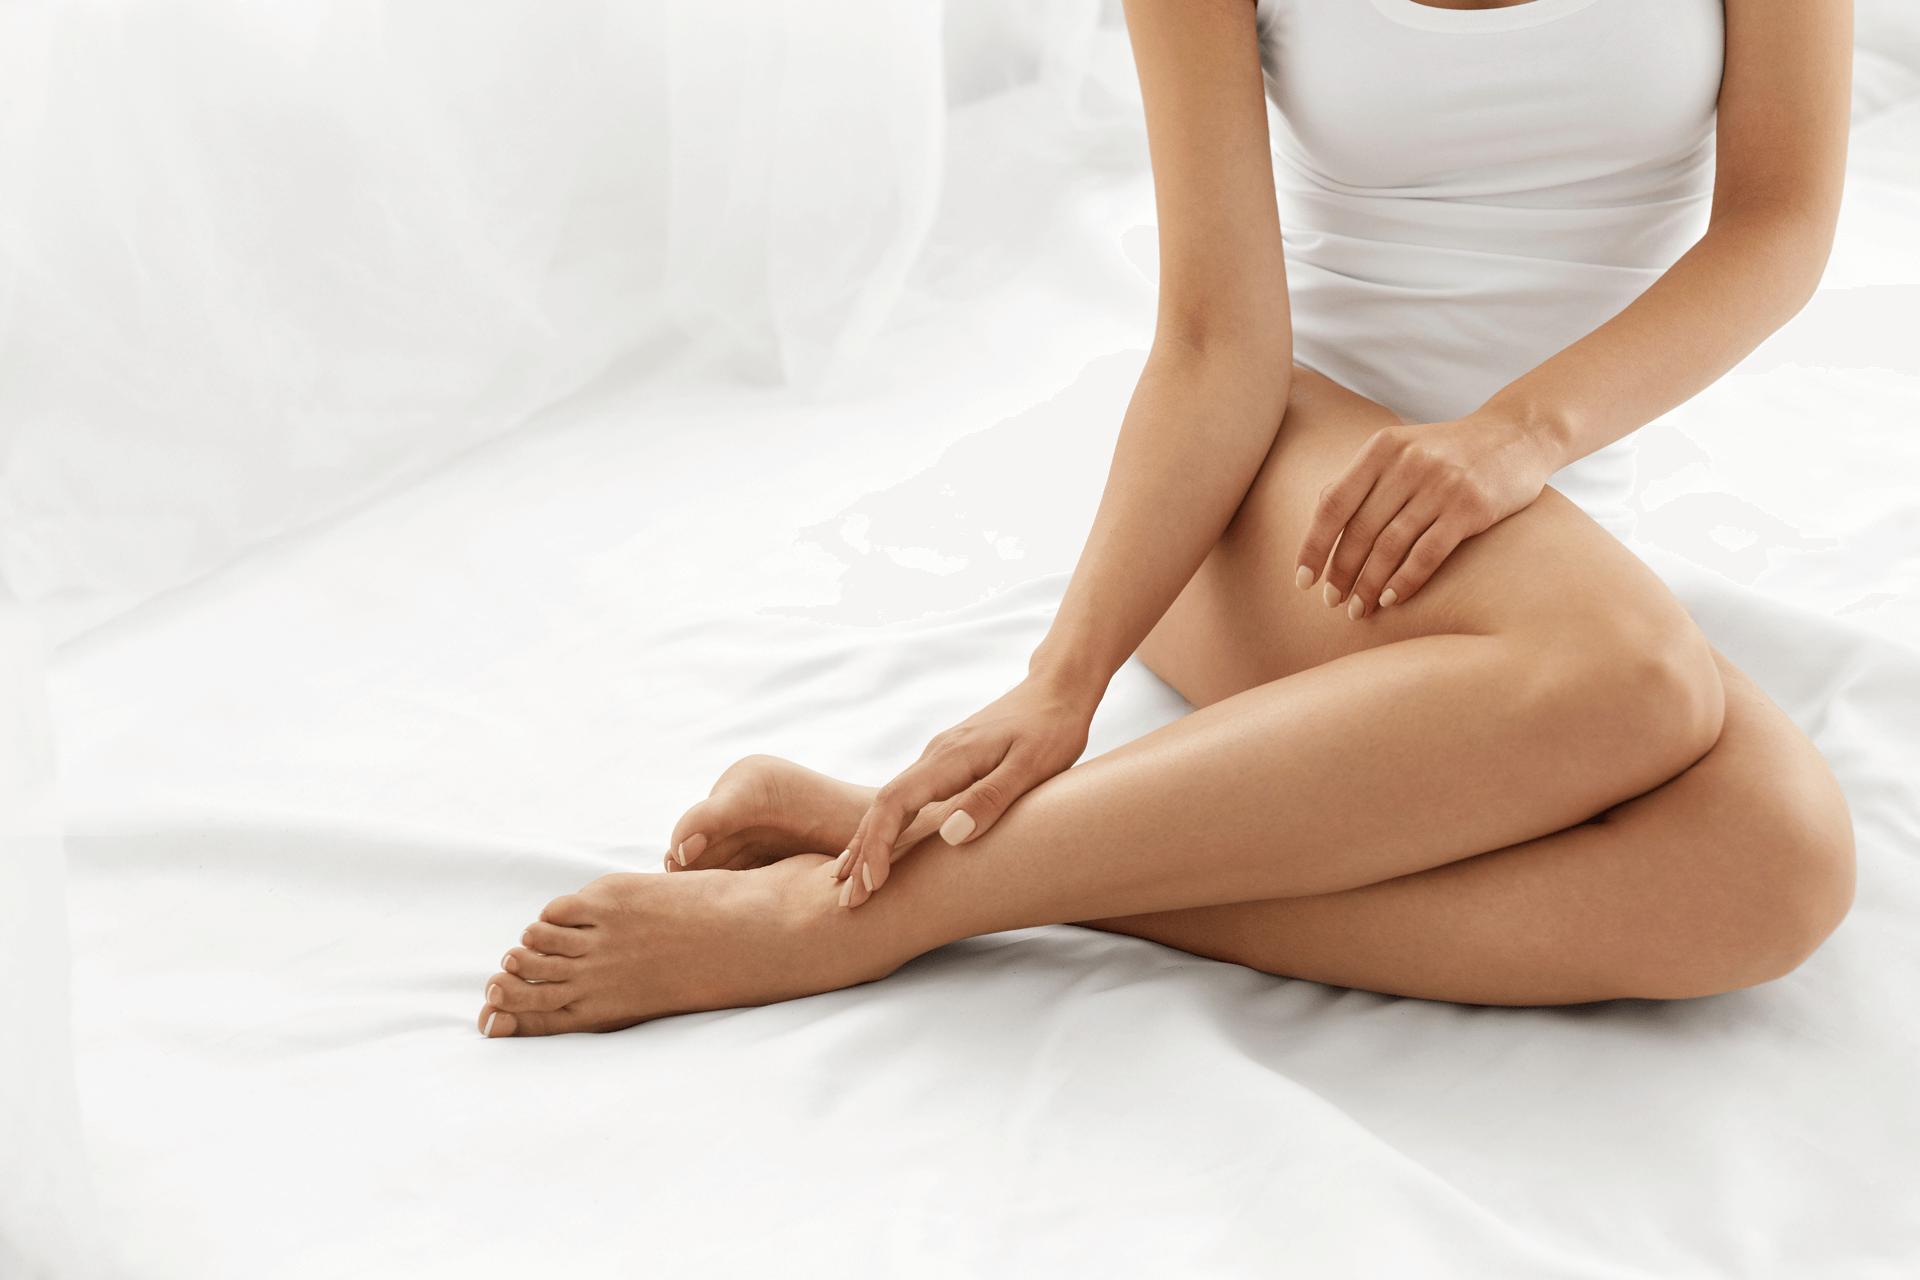 hogyan lehet erősíteni a lábizmokat visszérrel